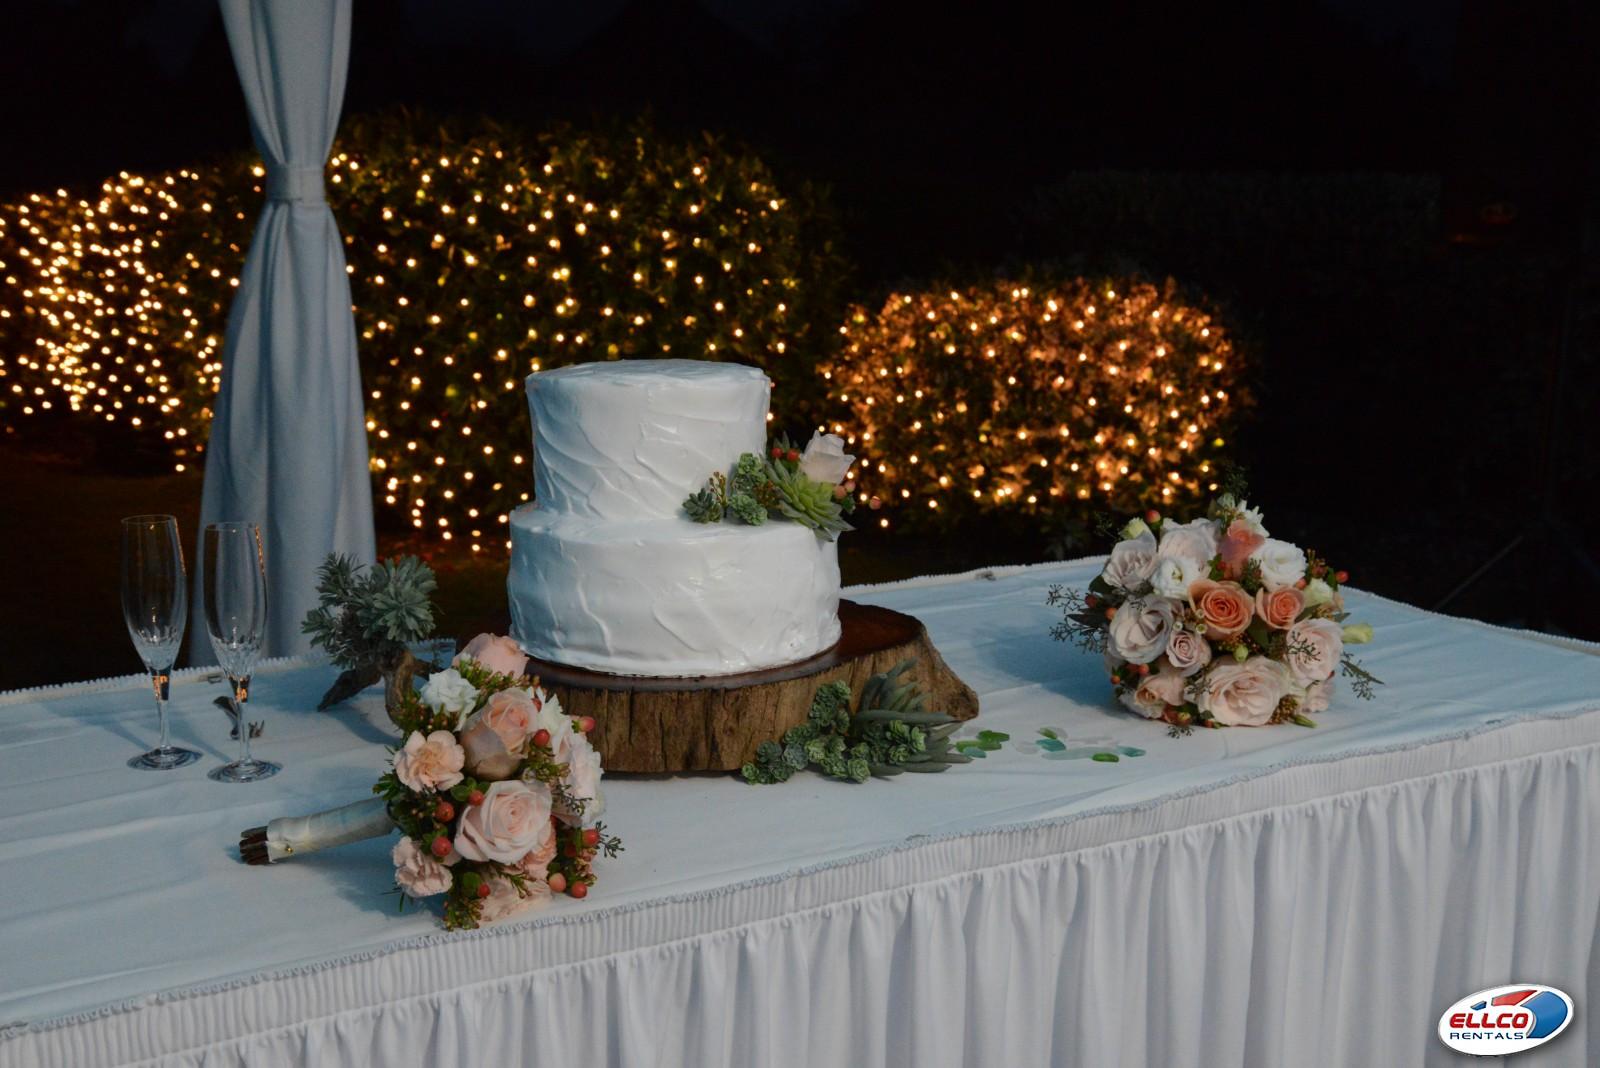 Sea_theme_wedding2